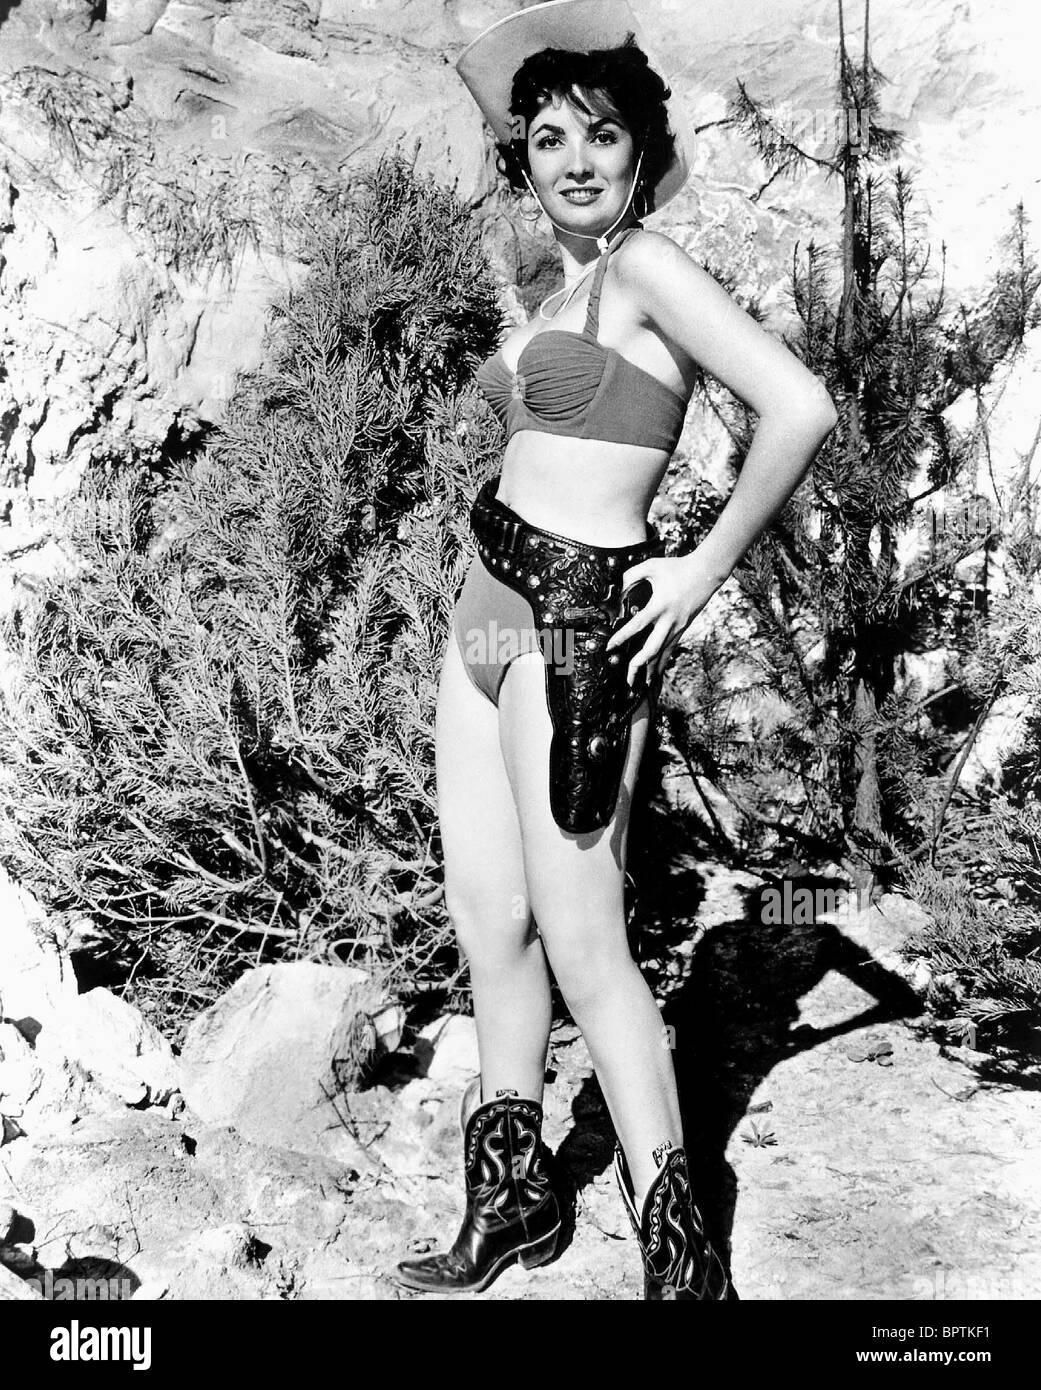 LINDA CRISTAL ACTRESS (1956 Stock Photo: 31274965 - Alamy